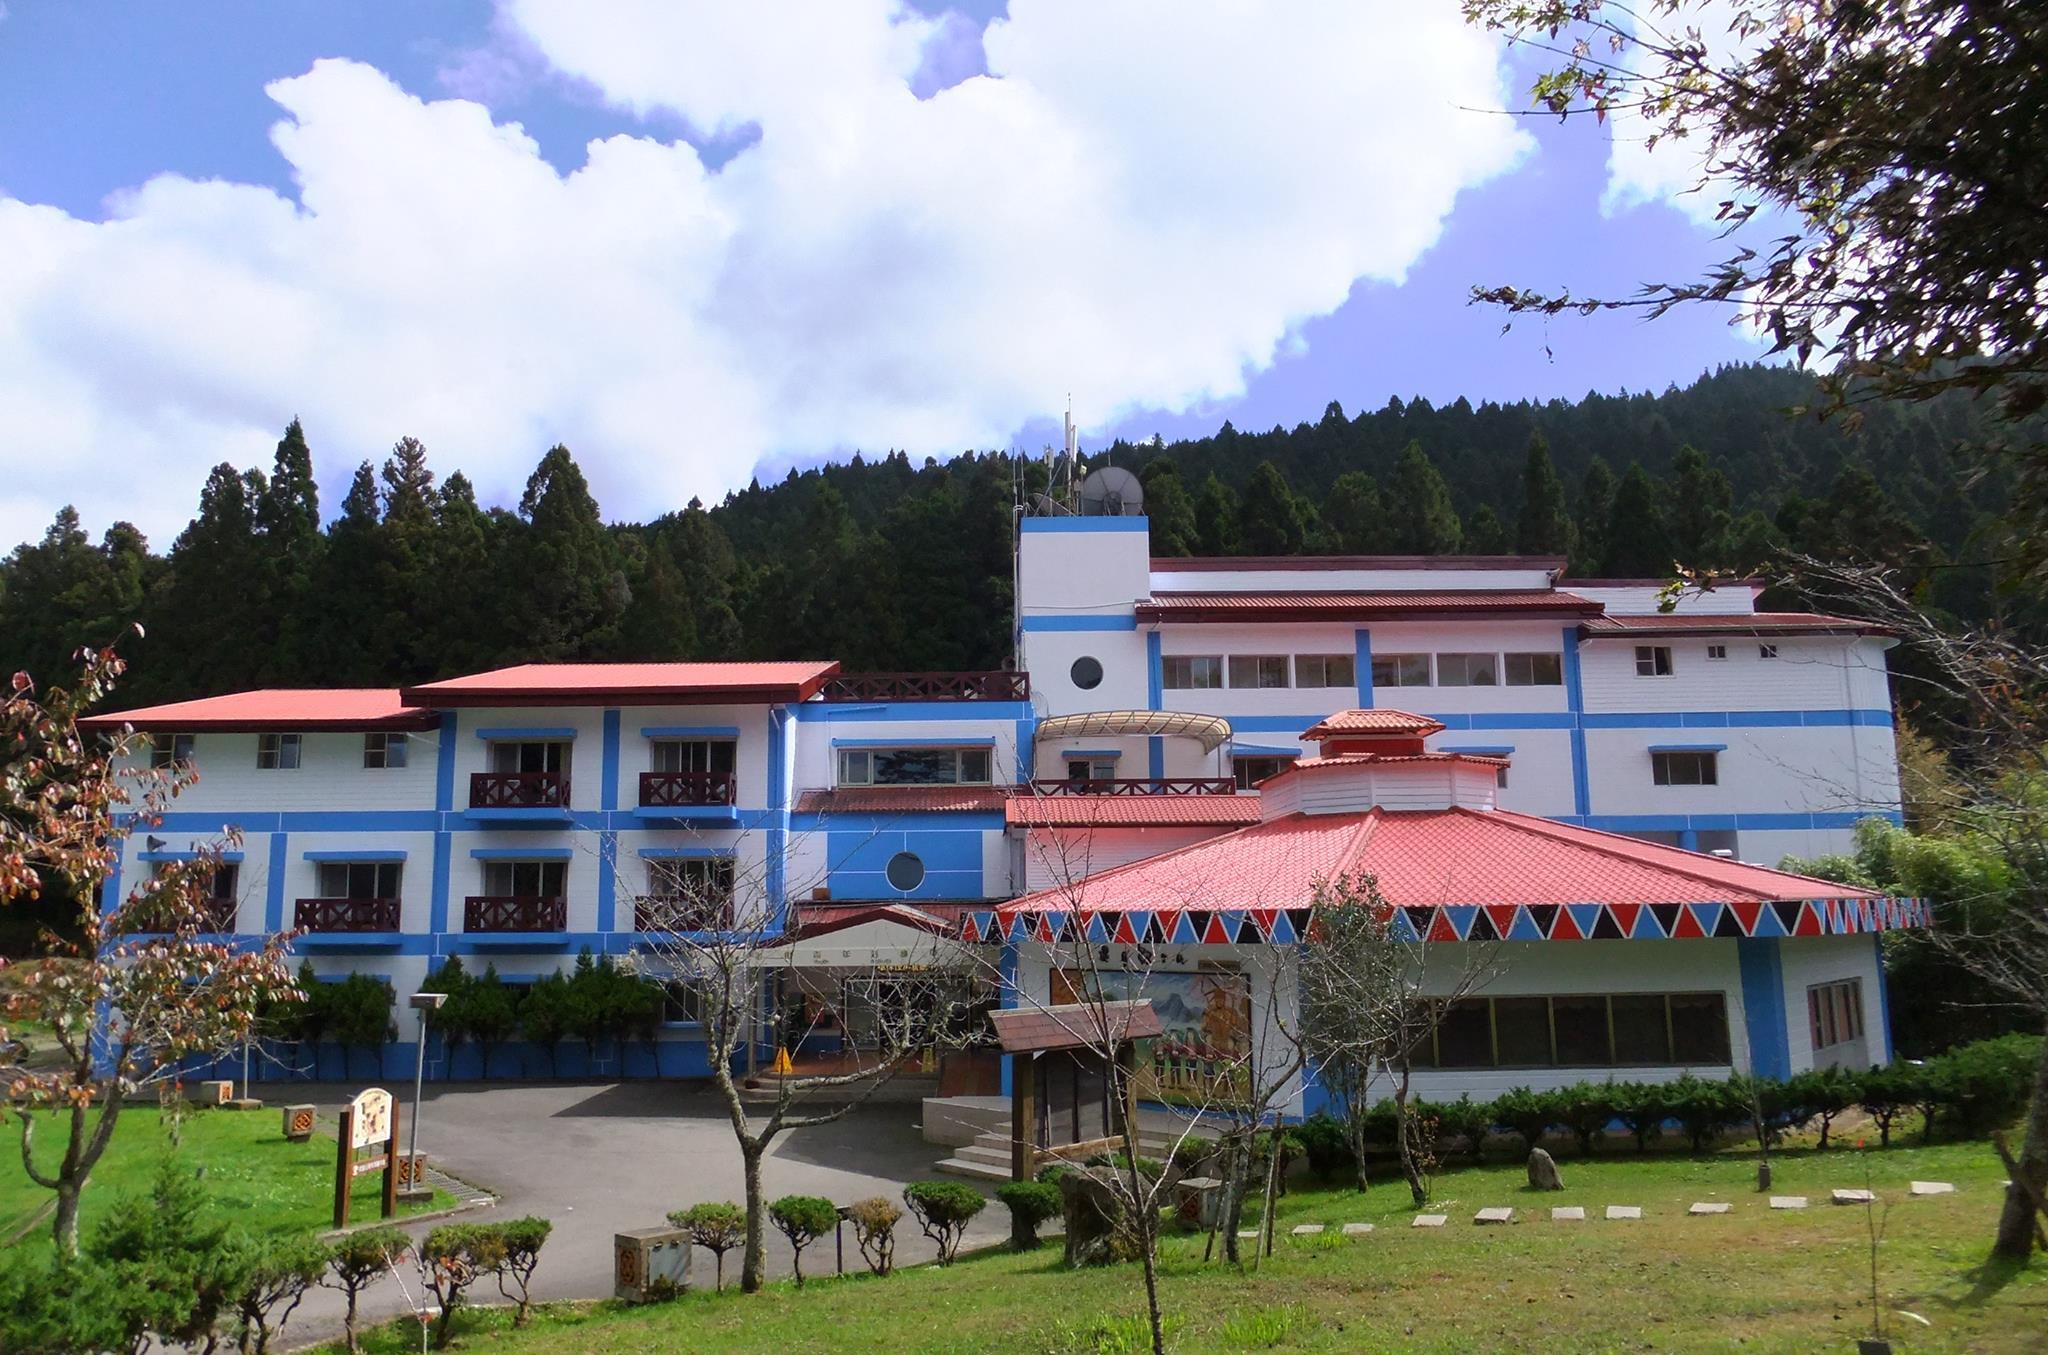 嘉義縣阿里山青年活動中心 (Alishan Youth Activity Center)線上訂房|Agoda.com